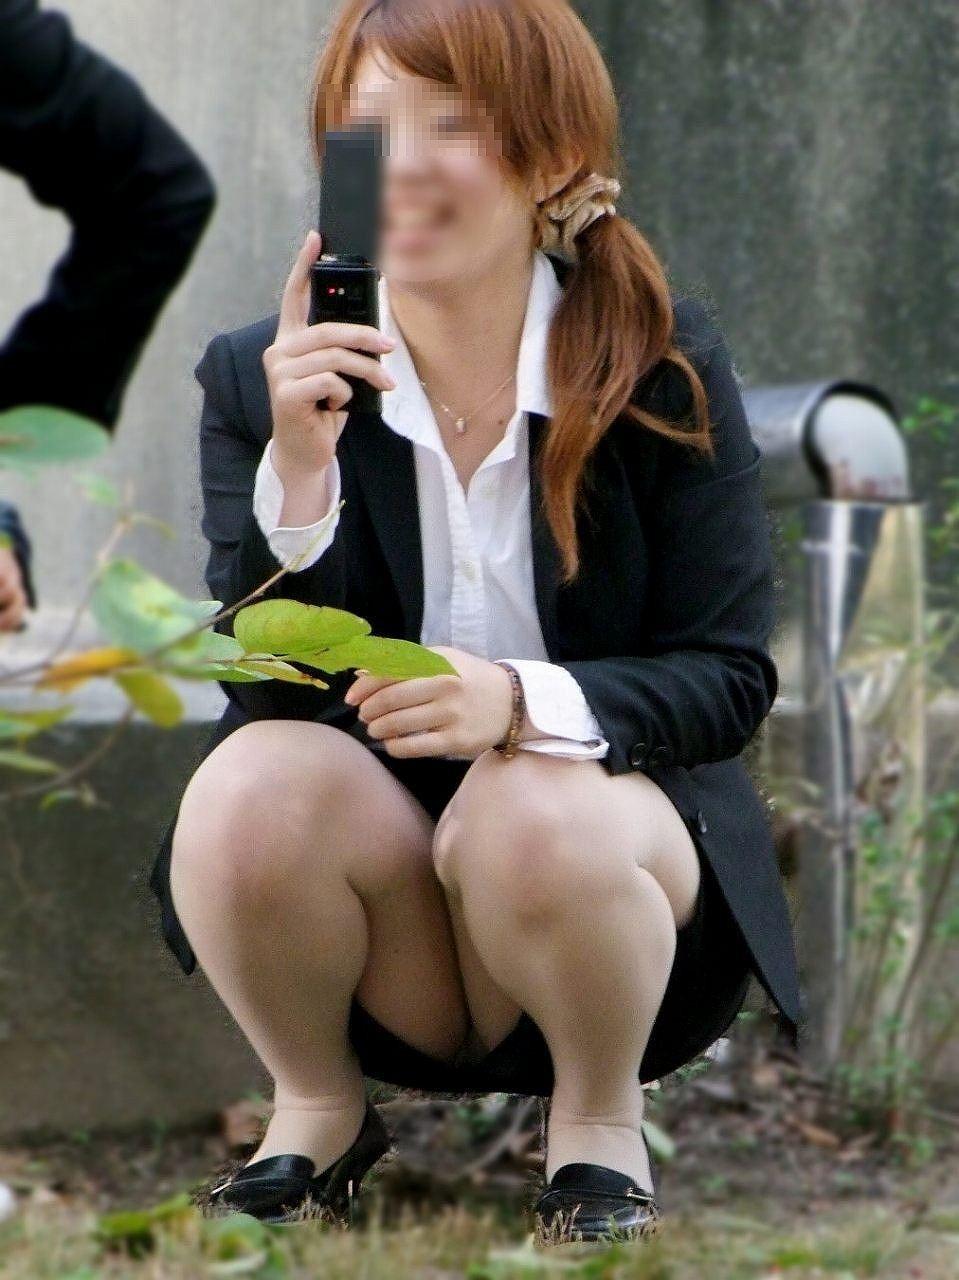 【パンチラエロ画像】けっこう深刻な携帯症候群wその結果がこの無防備チラ見えwww 07